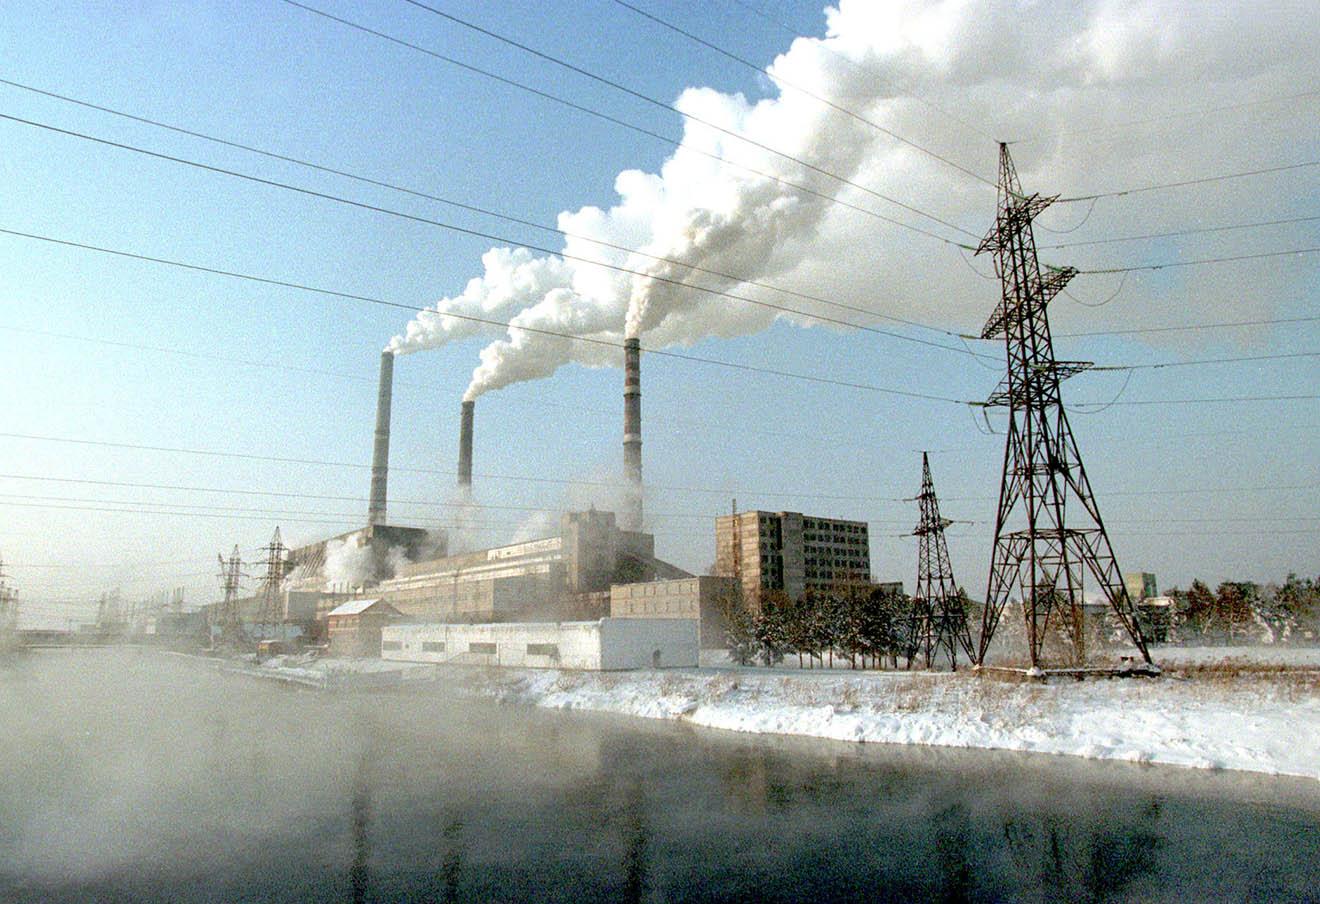 Приморская ГРЭС. Фото: Владимир Саяпин / ТАСС / Архив